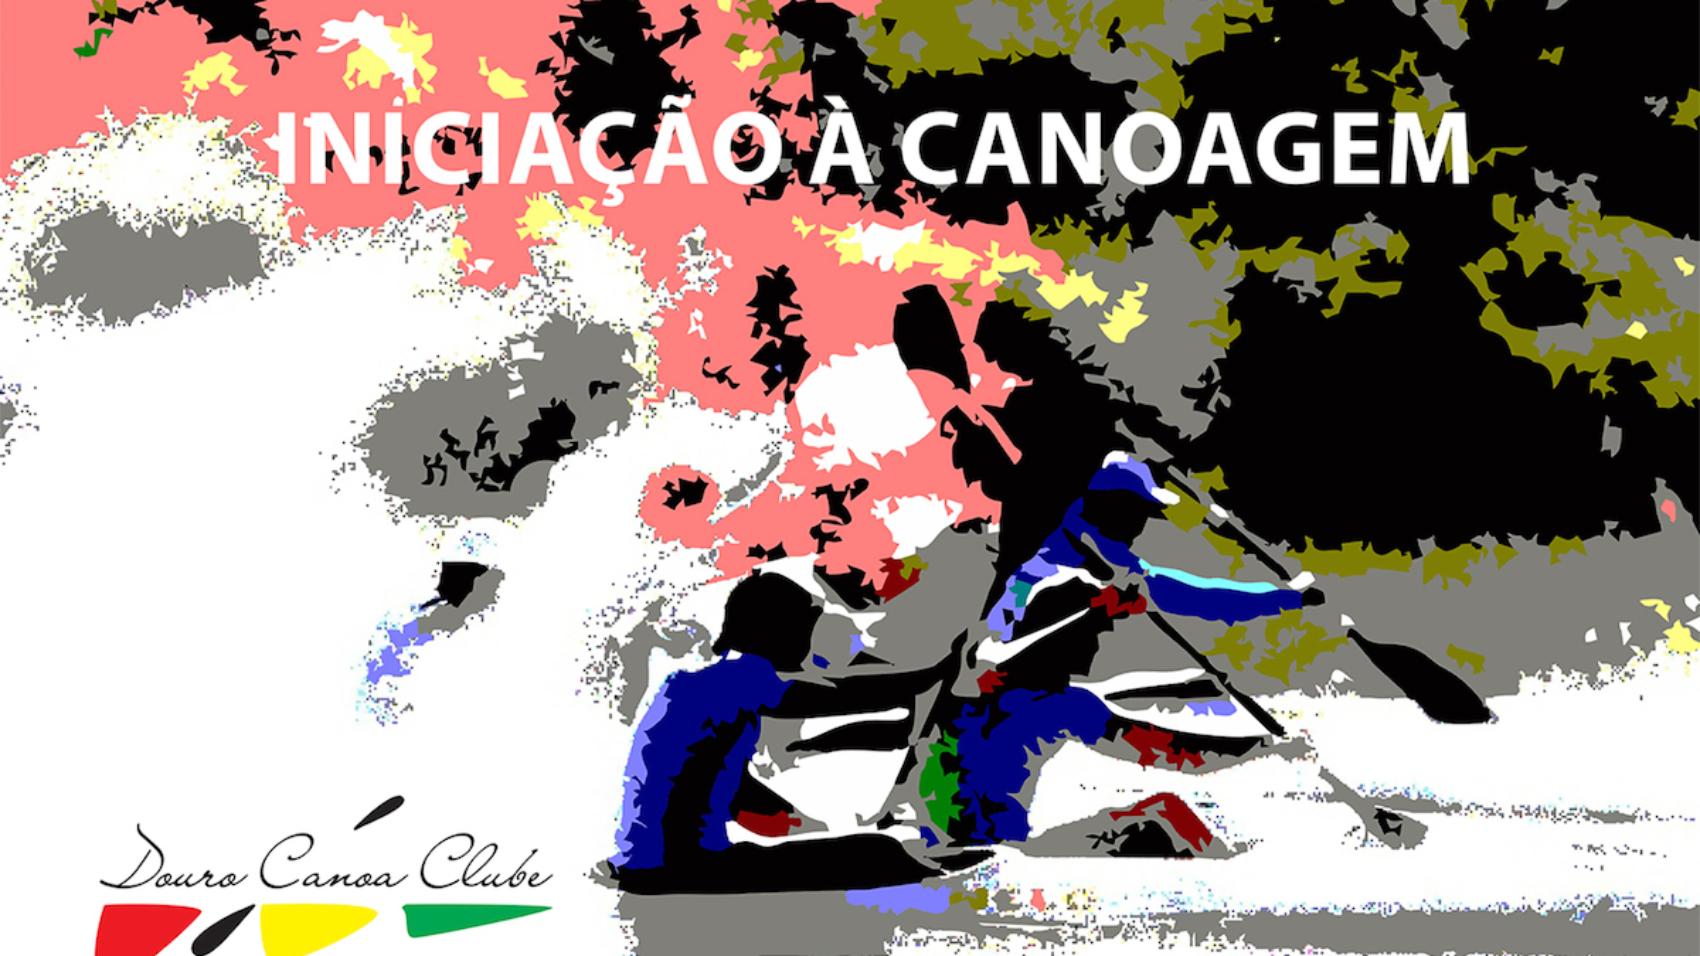 Iniciação à Canoagem 2018 Canoagem Divulgação Douro Canoa Clube 1